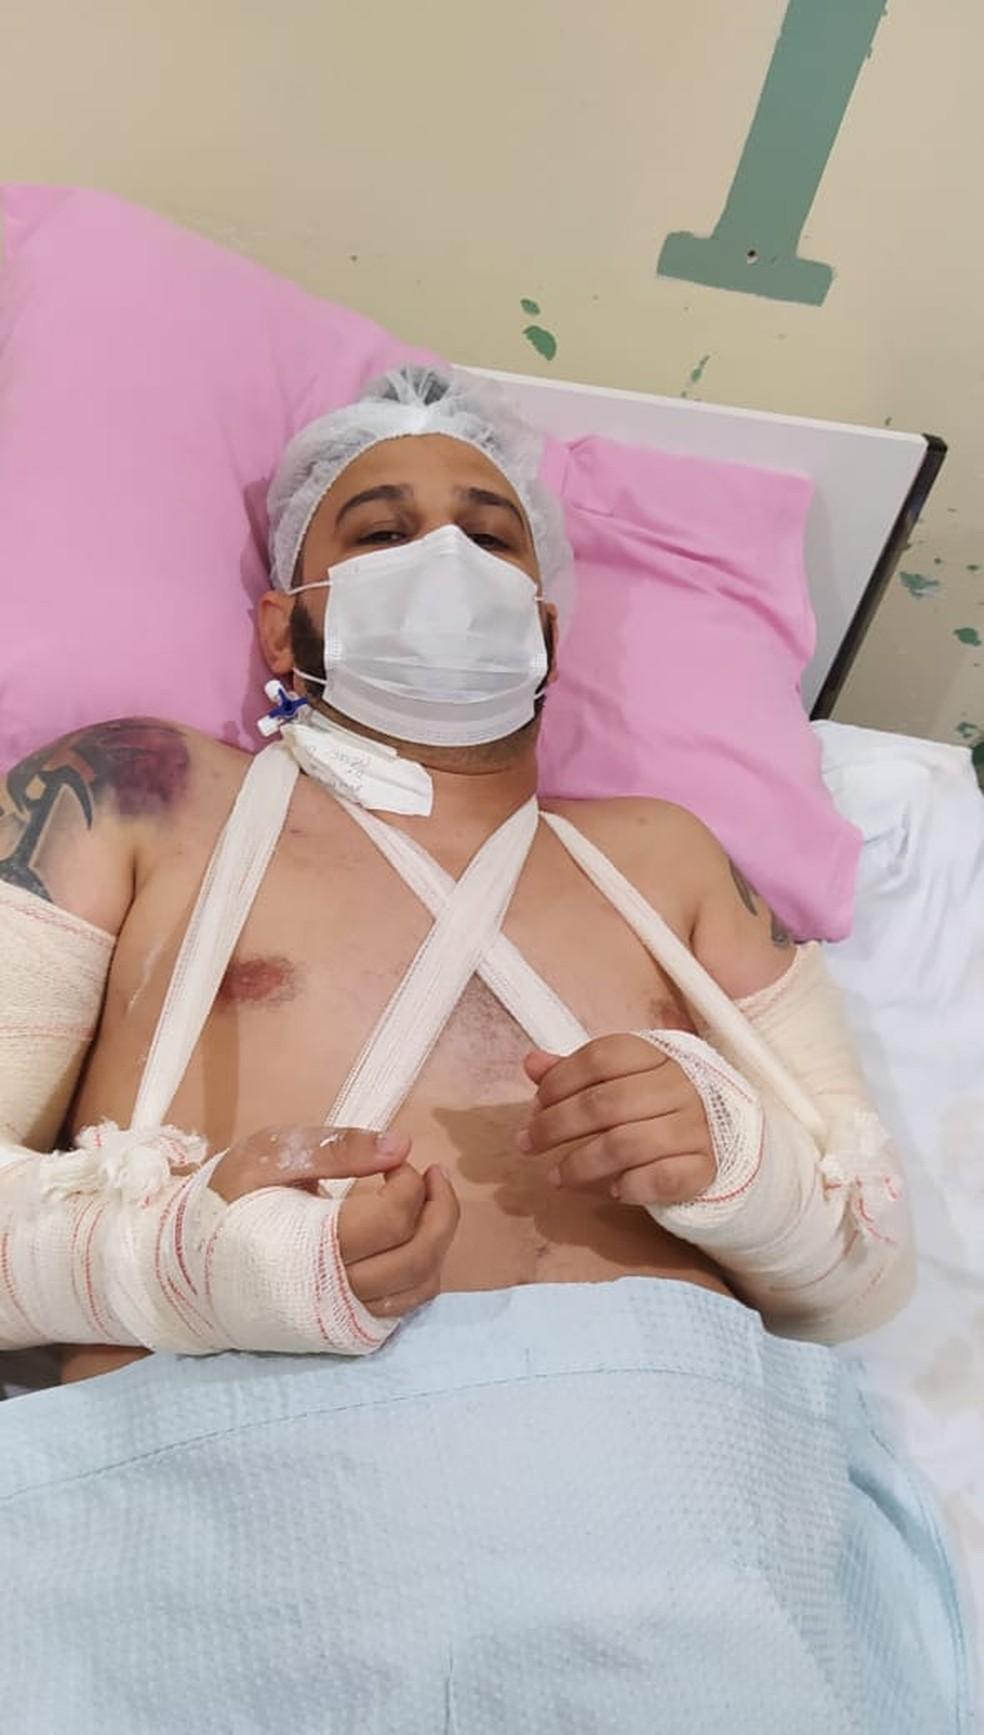 Jornalista é encontrado com braço quebrado e pernas lesionadas após  sequestro em Boa Vista | Roraima | G1